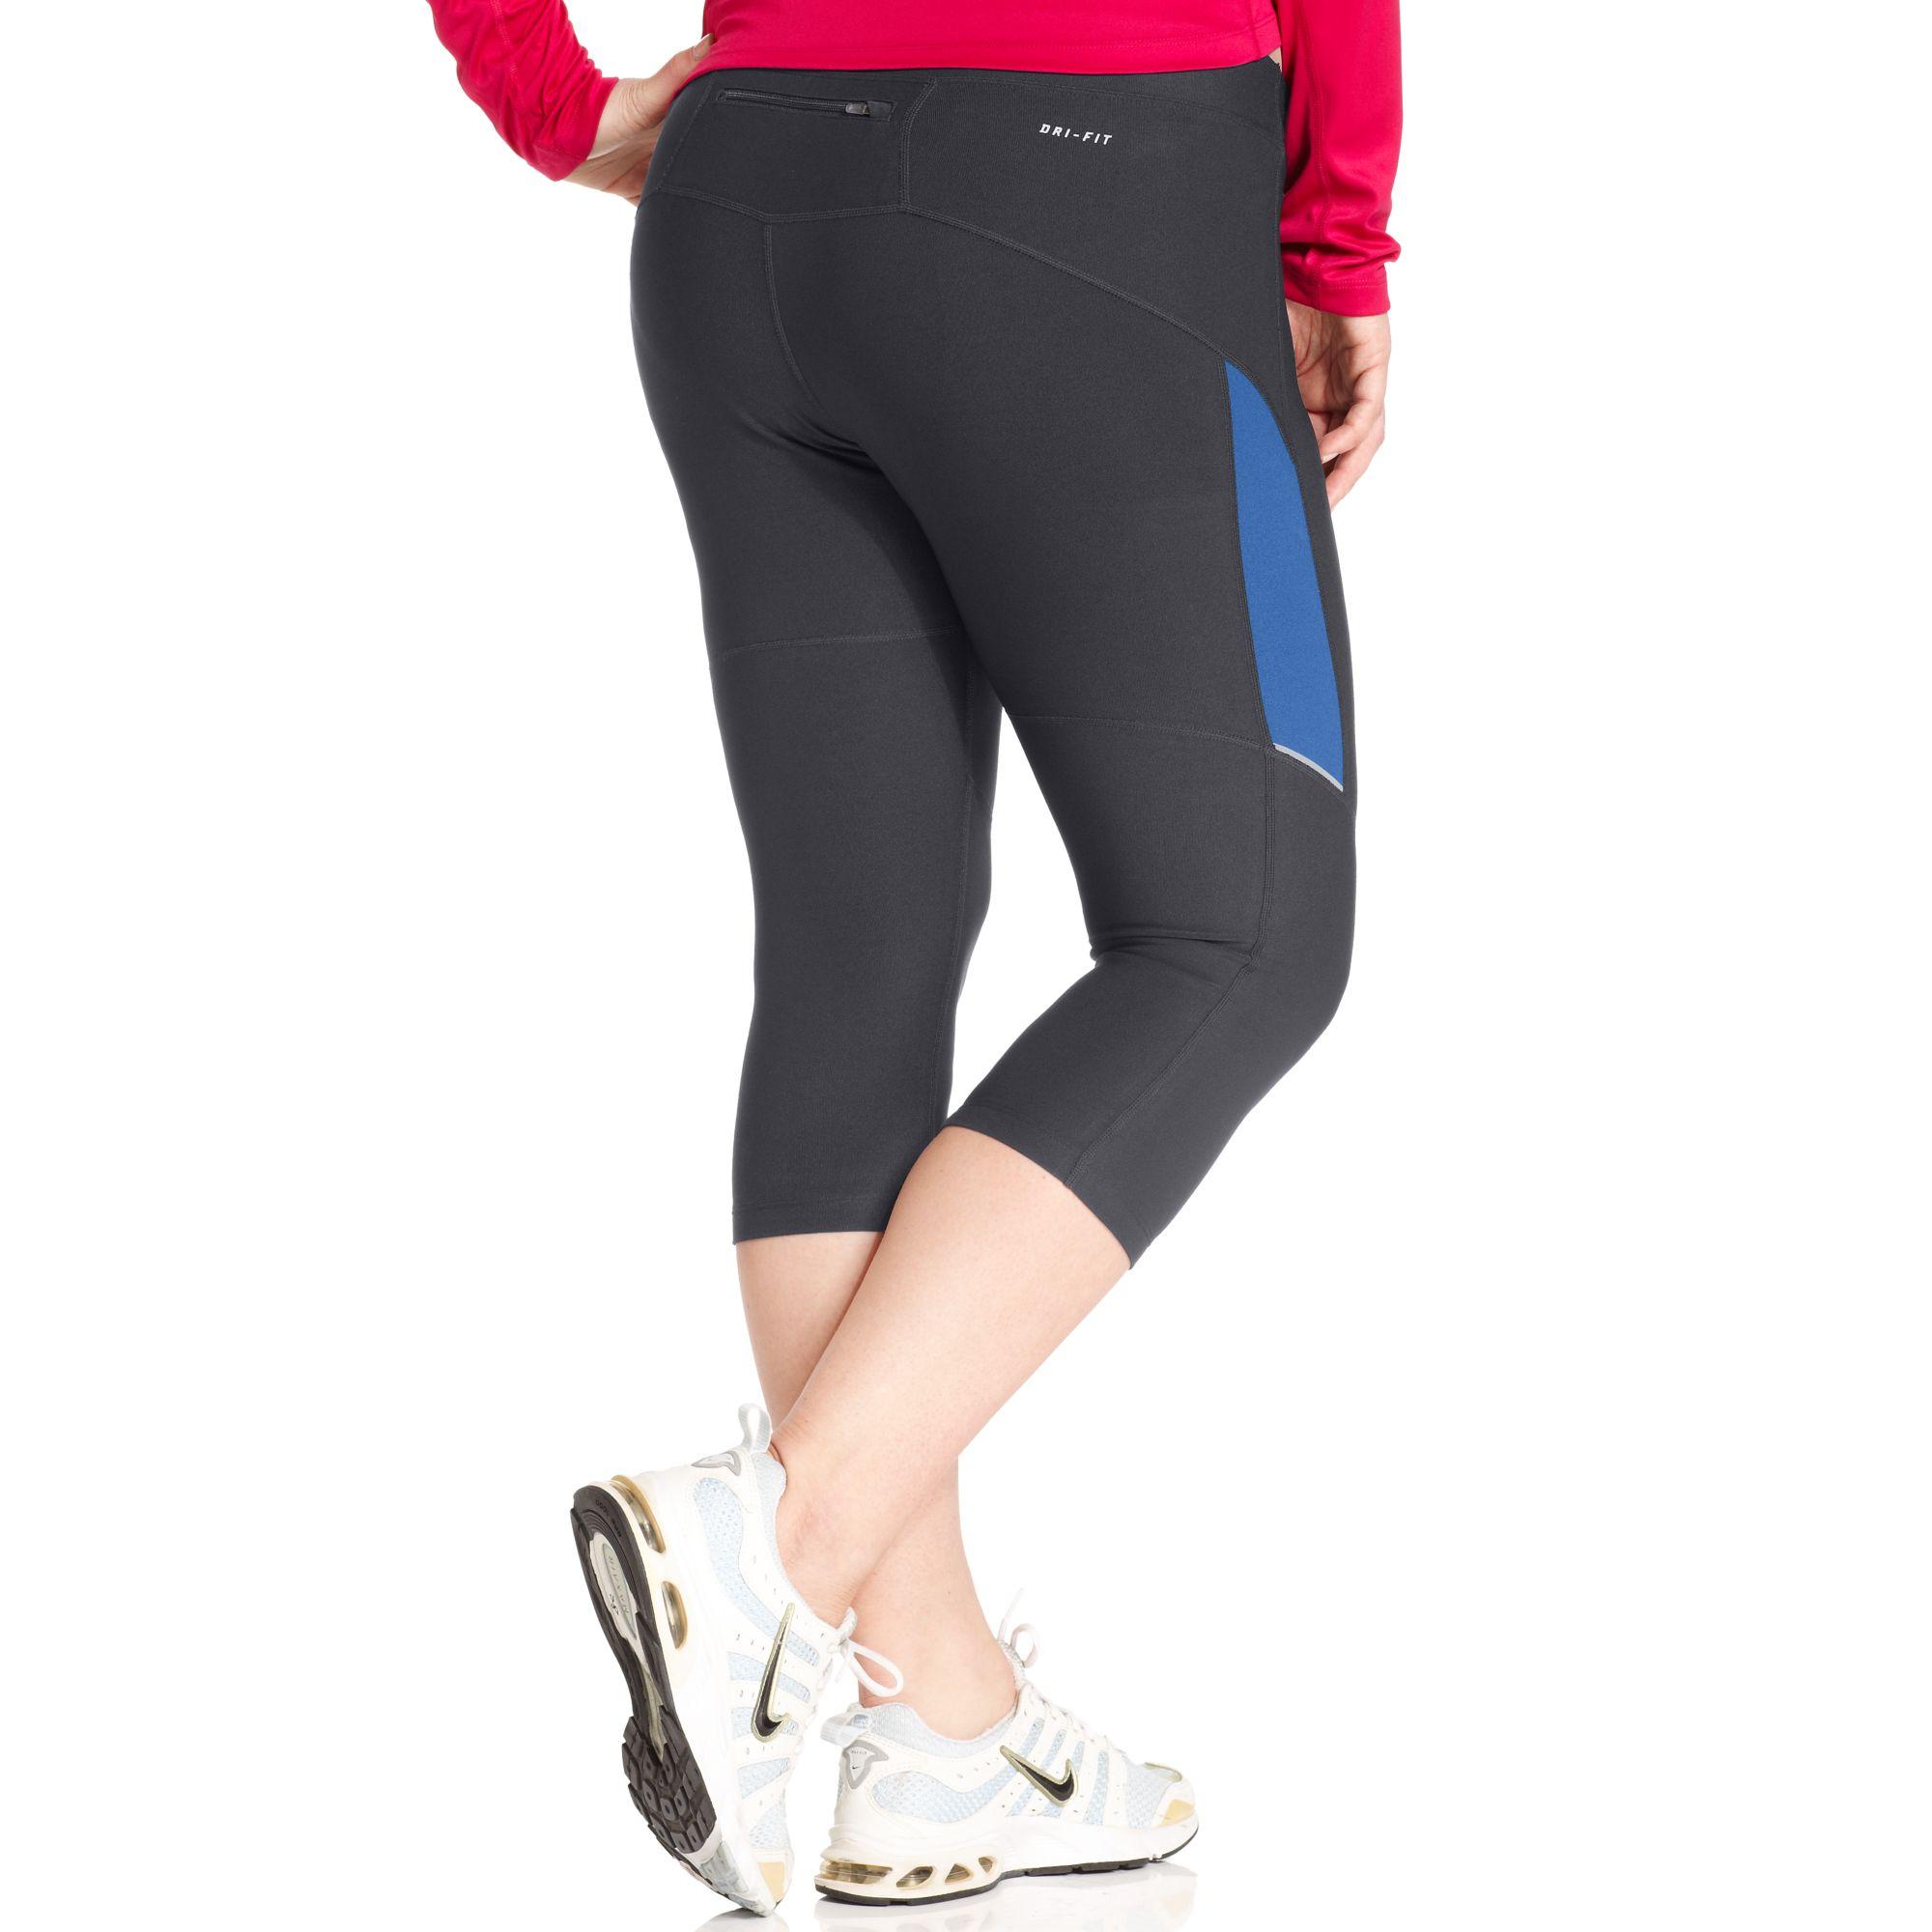 de37e060558e2 Lyst - Nike Drifit Active Capri Leggings in Gray